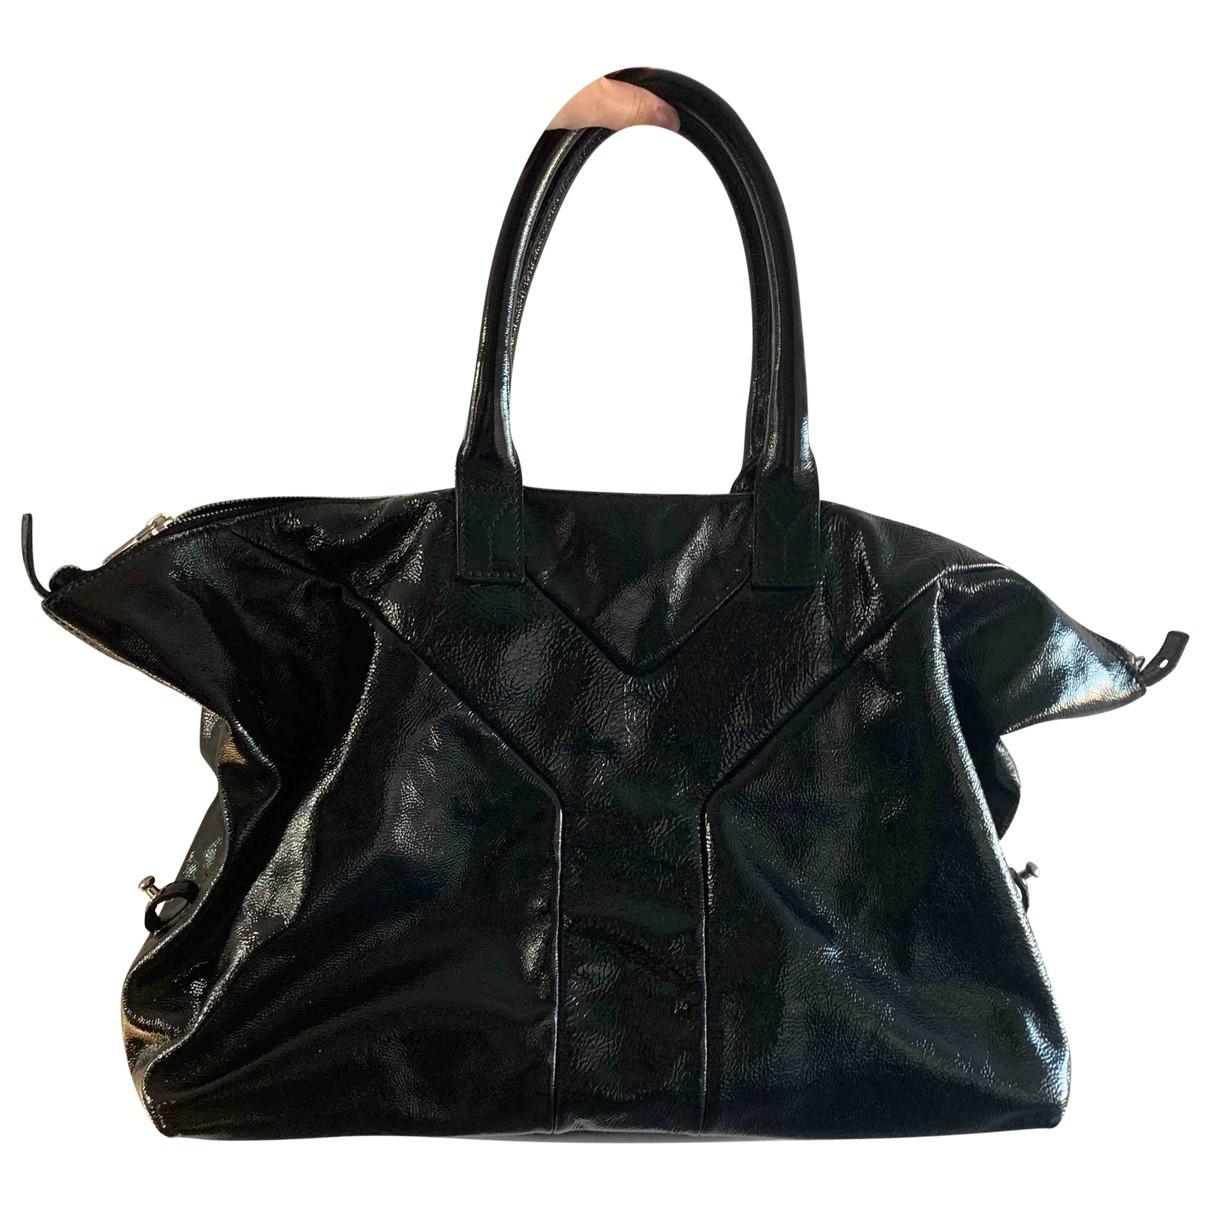 Yves Saint Laurent Easy Handtasche in  Schwarz Lackleder